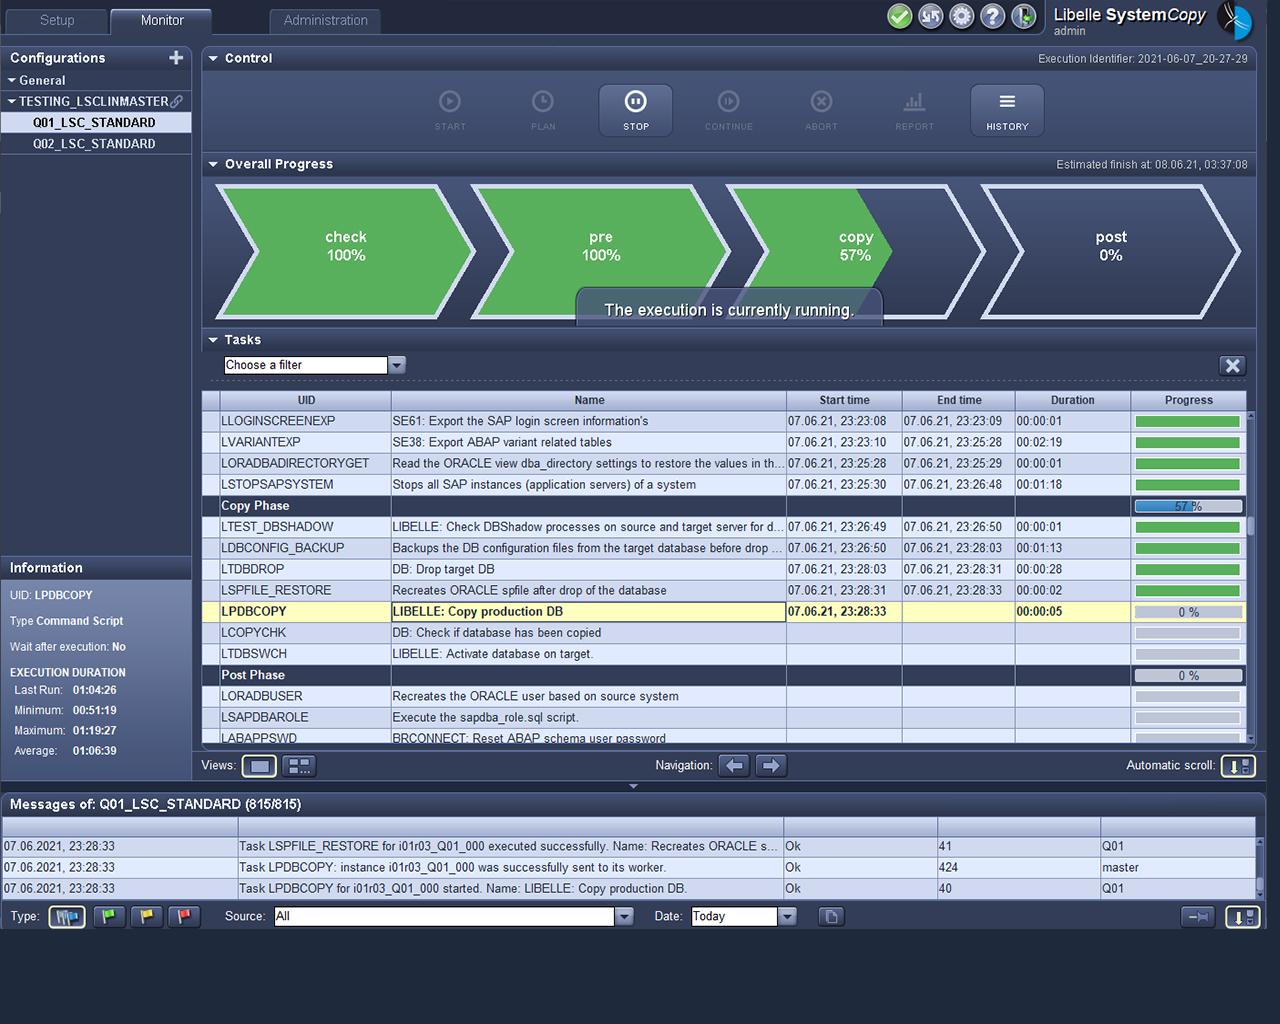 Libelle SystemCopy Frontend montre la phase de copie